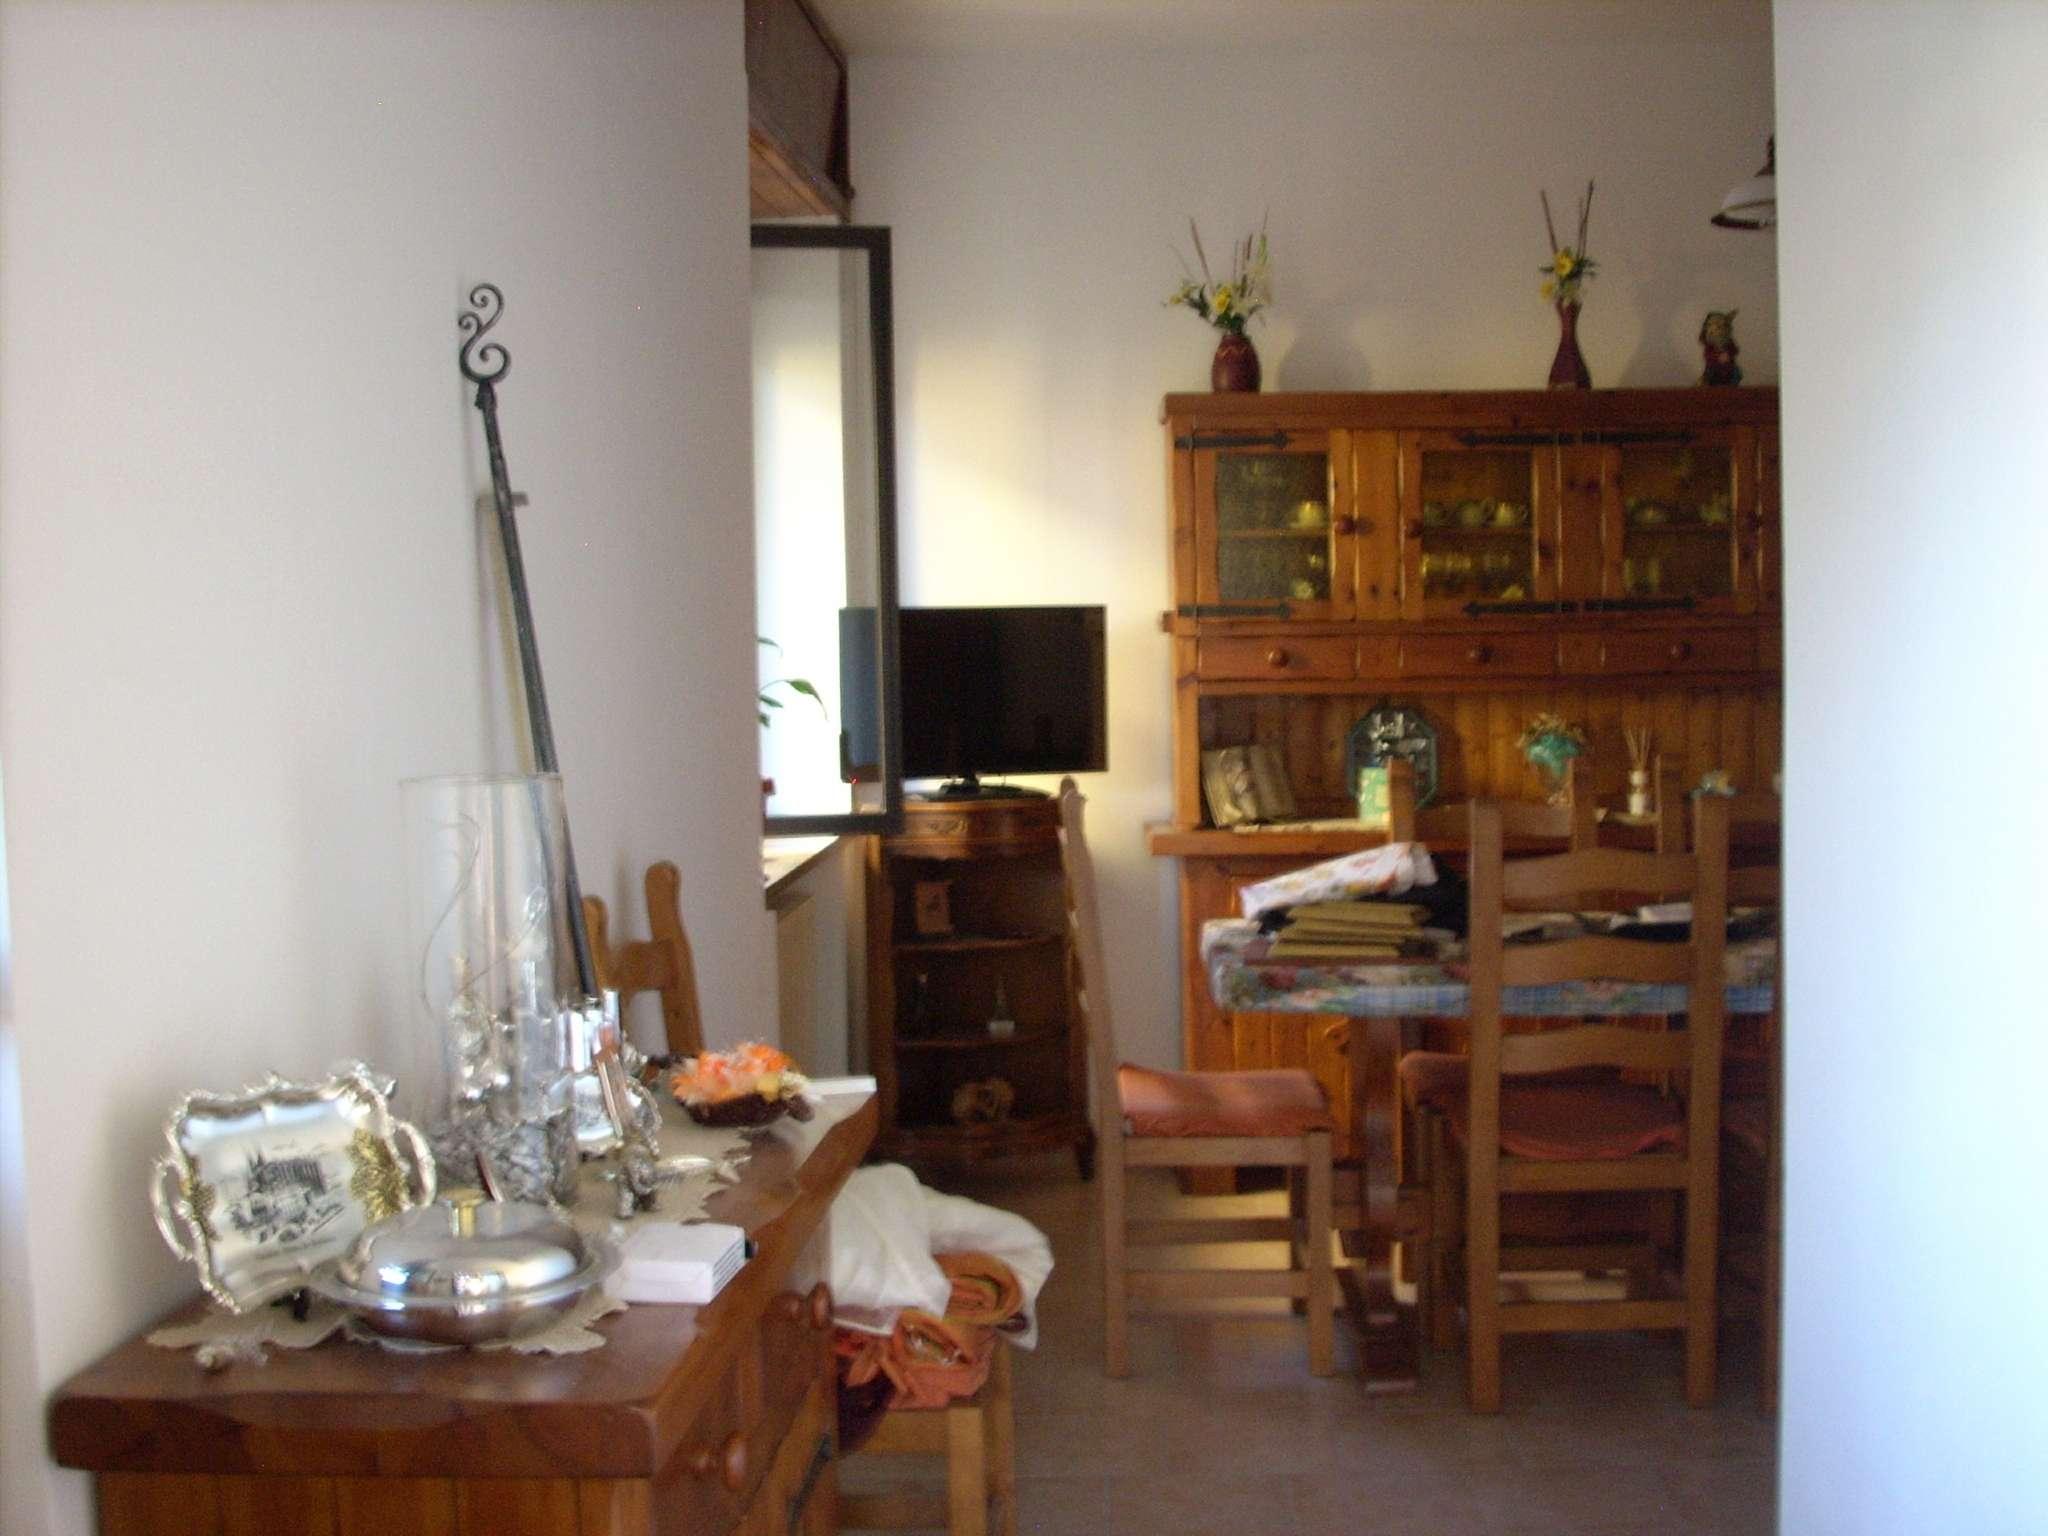 Palazzo / Stabile in vendita a Bellinzago Novarese, 2 locali, prezzo € 95.000 | CambioCasa.it